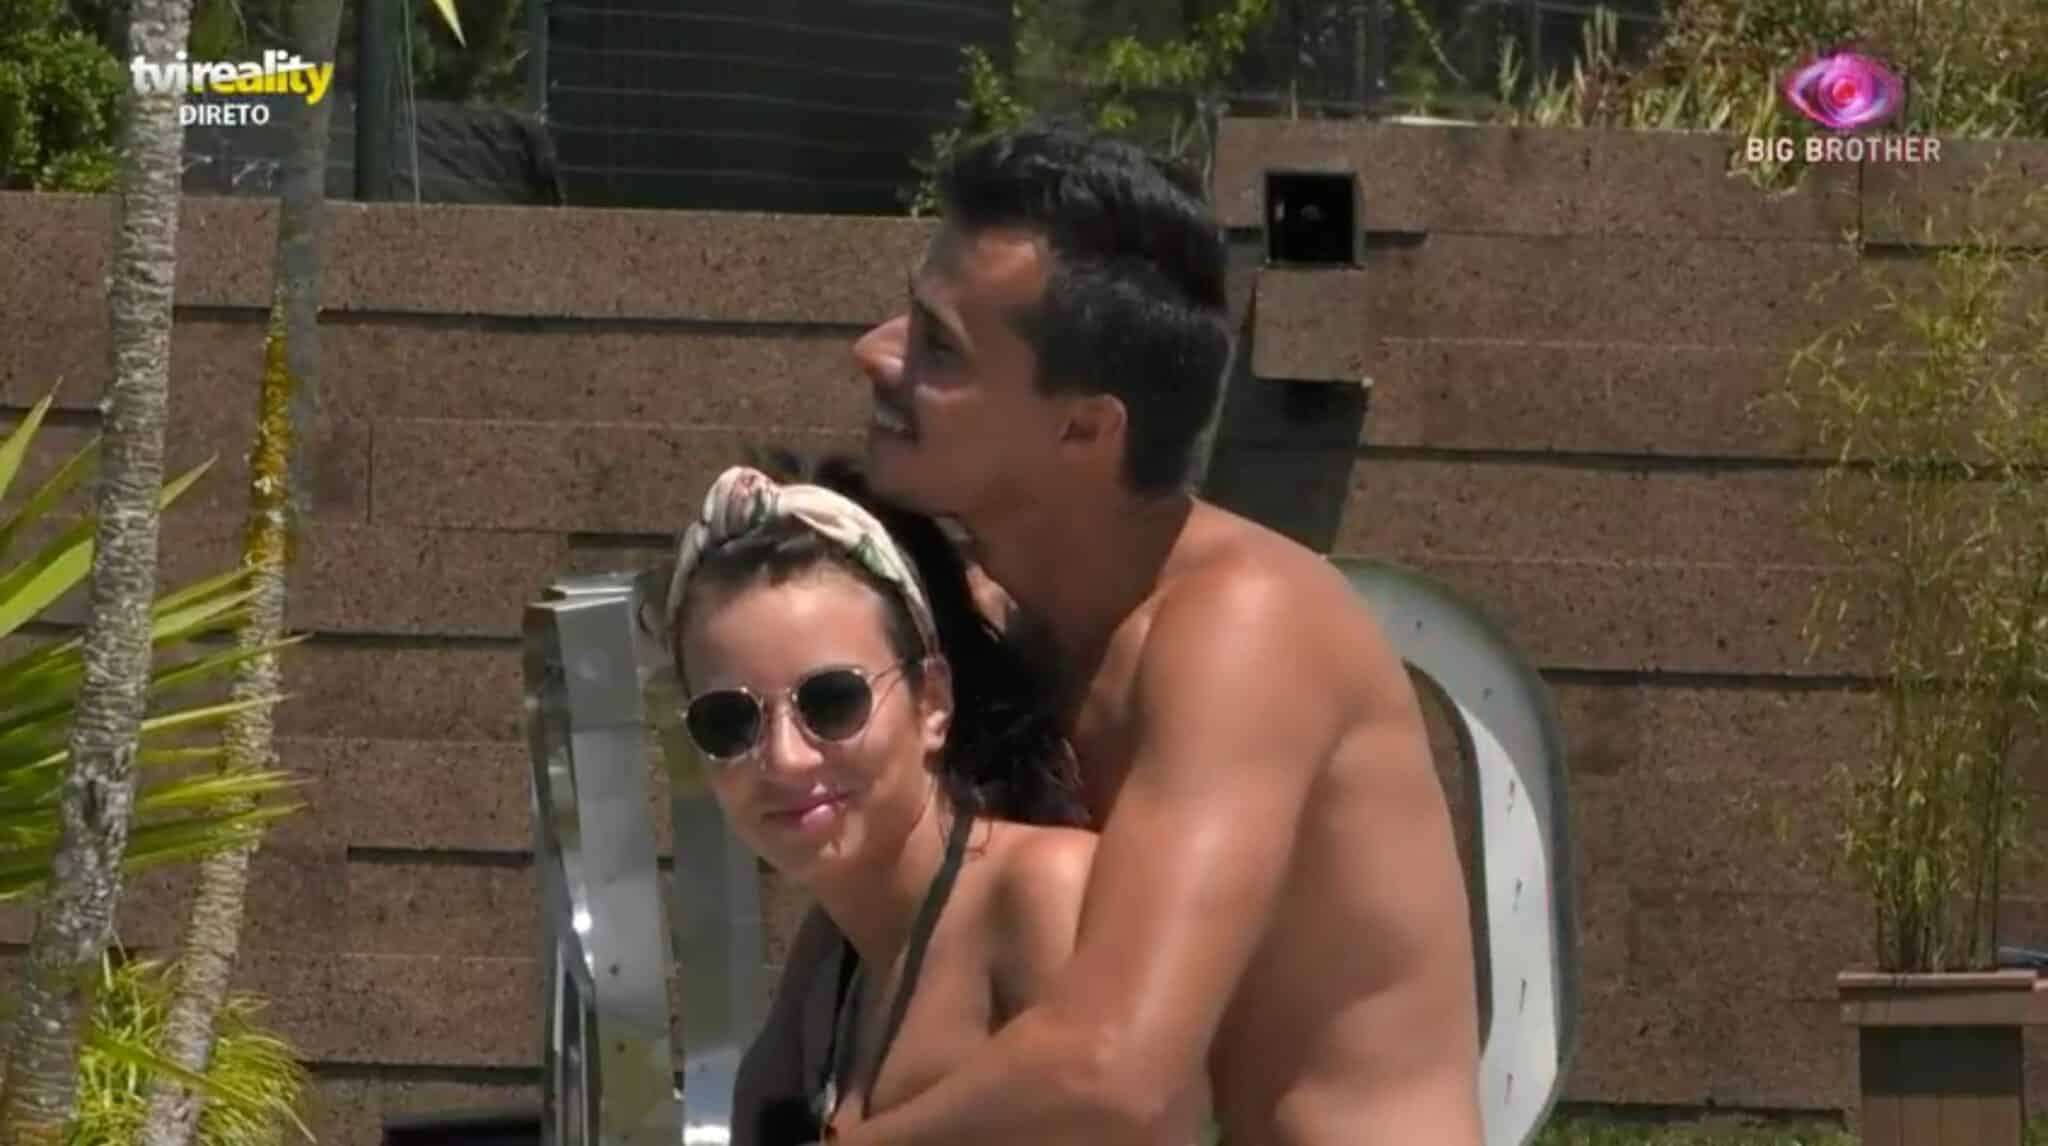 Big Brother Jessica Pedro Alves 1 Scaled Big Brother. Jéssica Recebe Avião Com Recado Sobre Pedro Alves